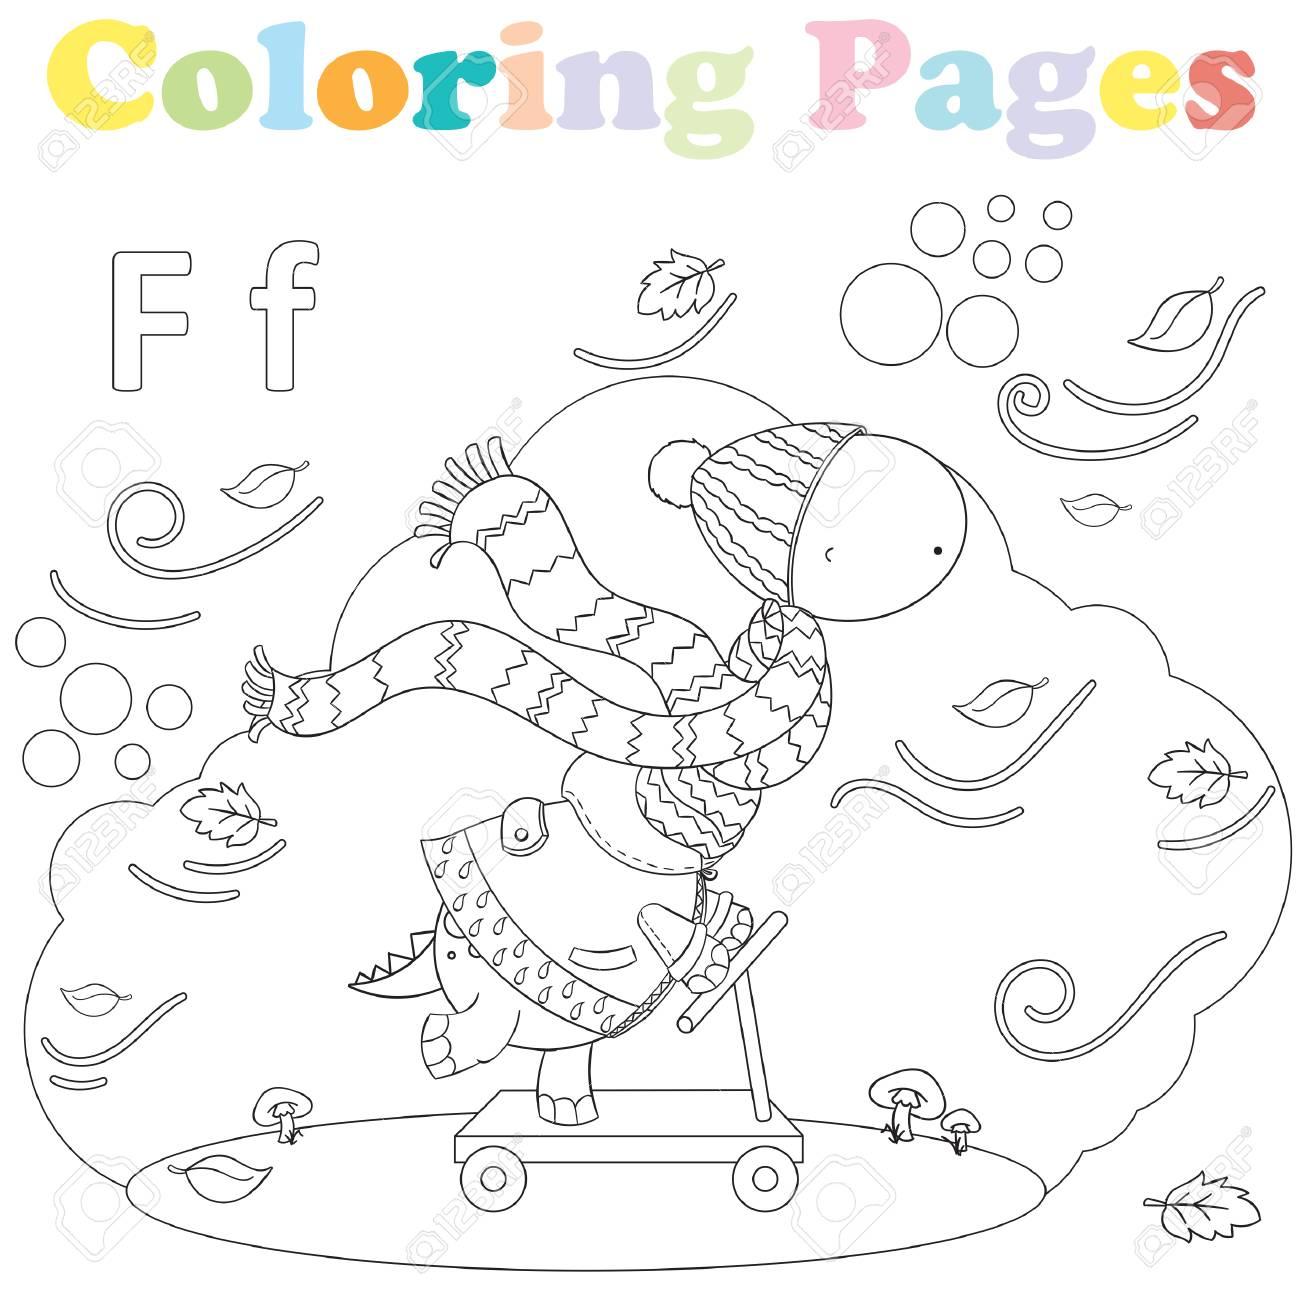 Dibujo Para Colorear Para Ninos Conjunto De Alfabeto Letra F